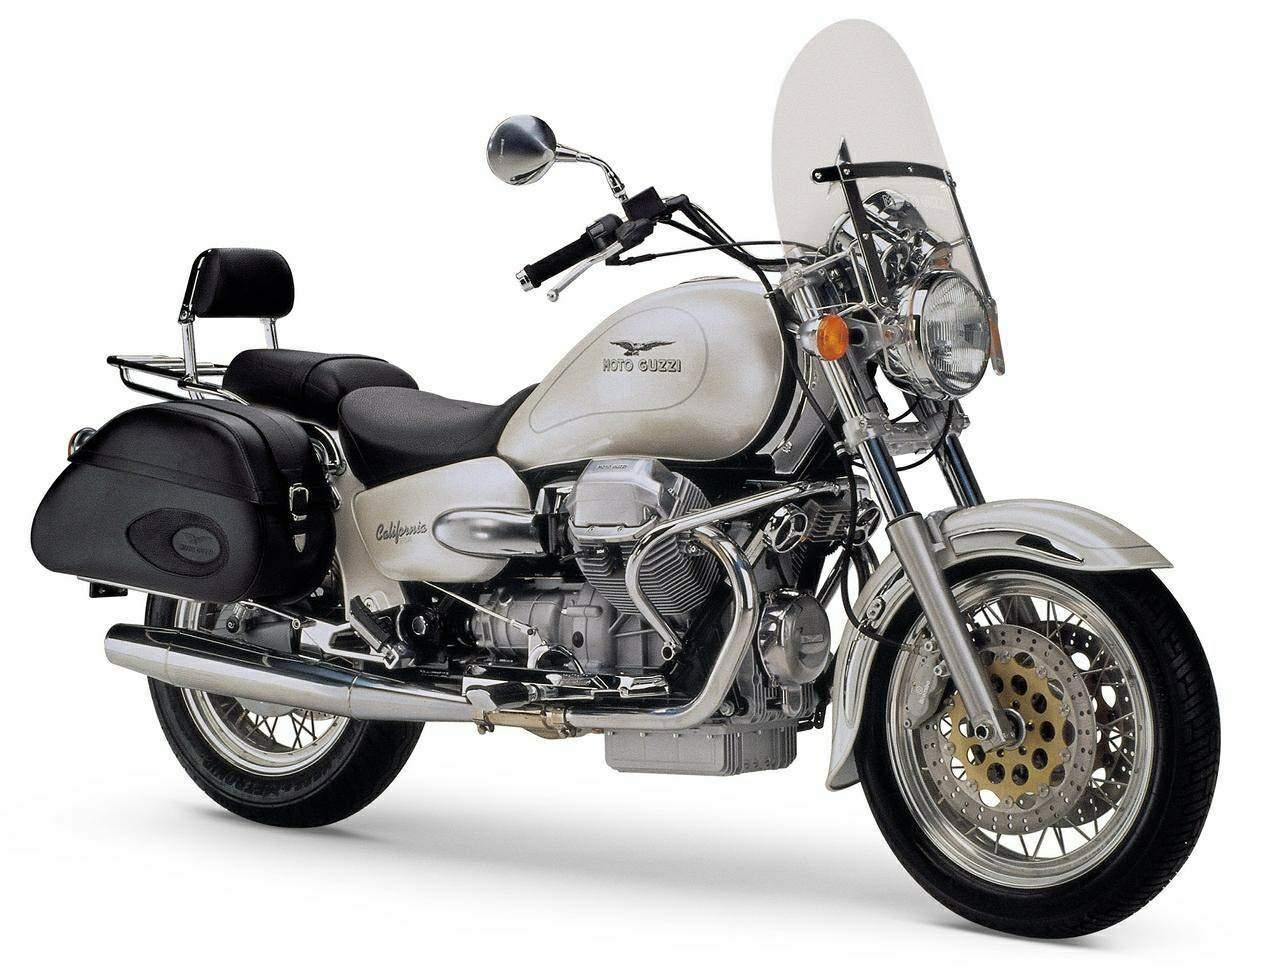 Moto del día: Moto Guzzi California 1100 EV Special Sport